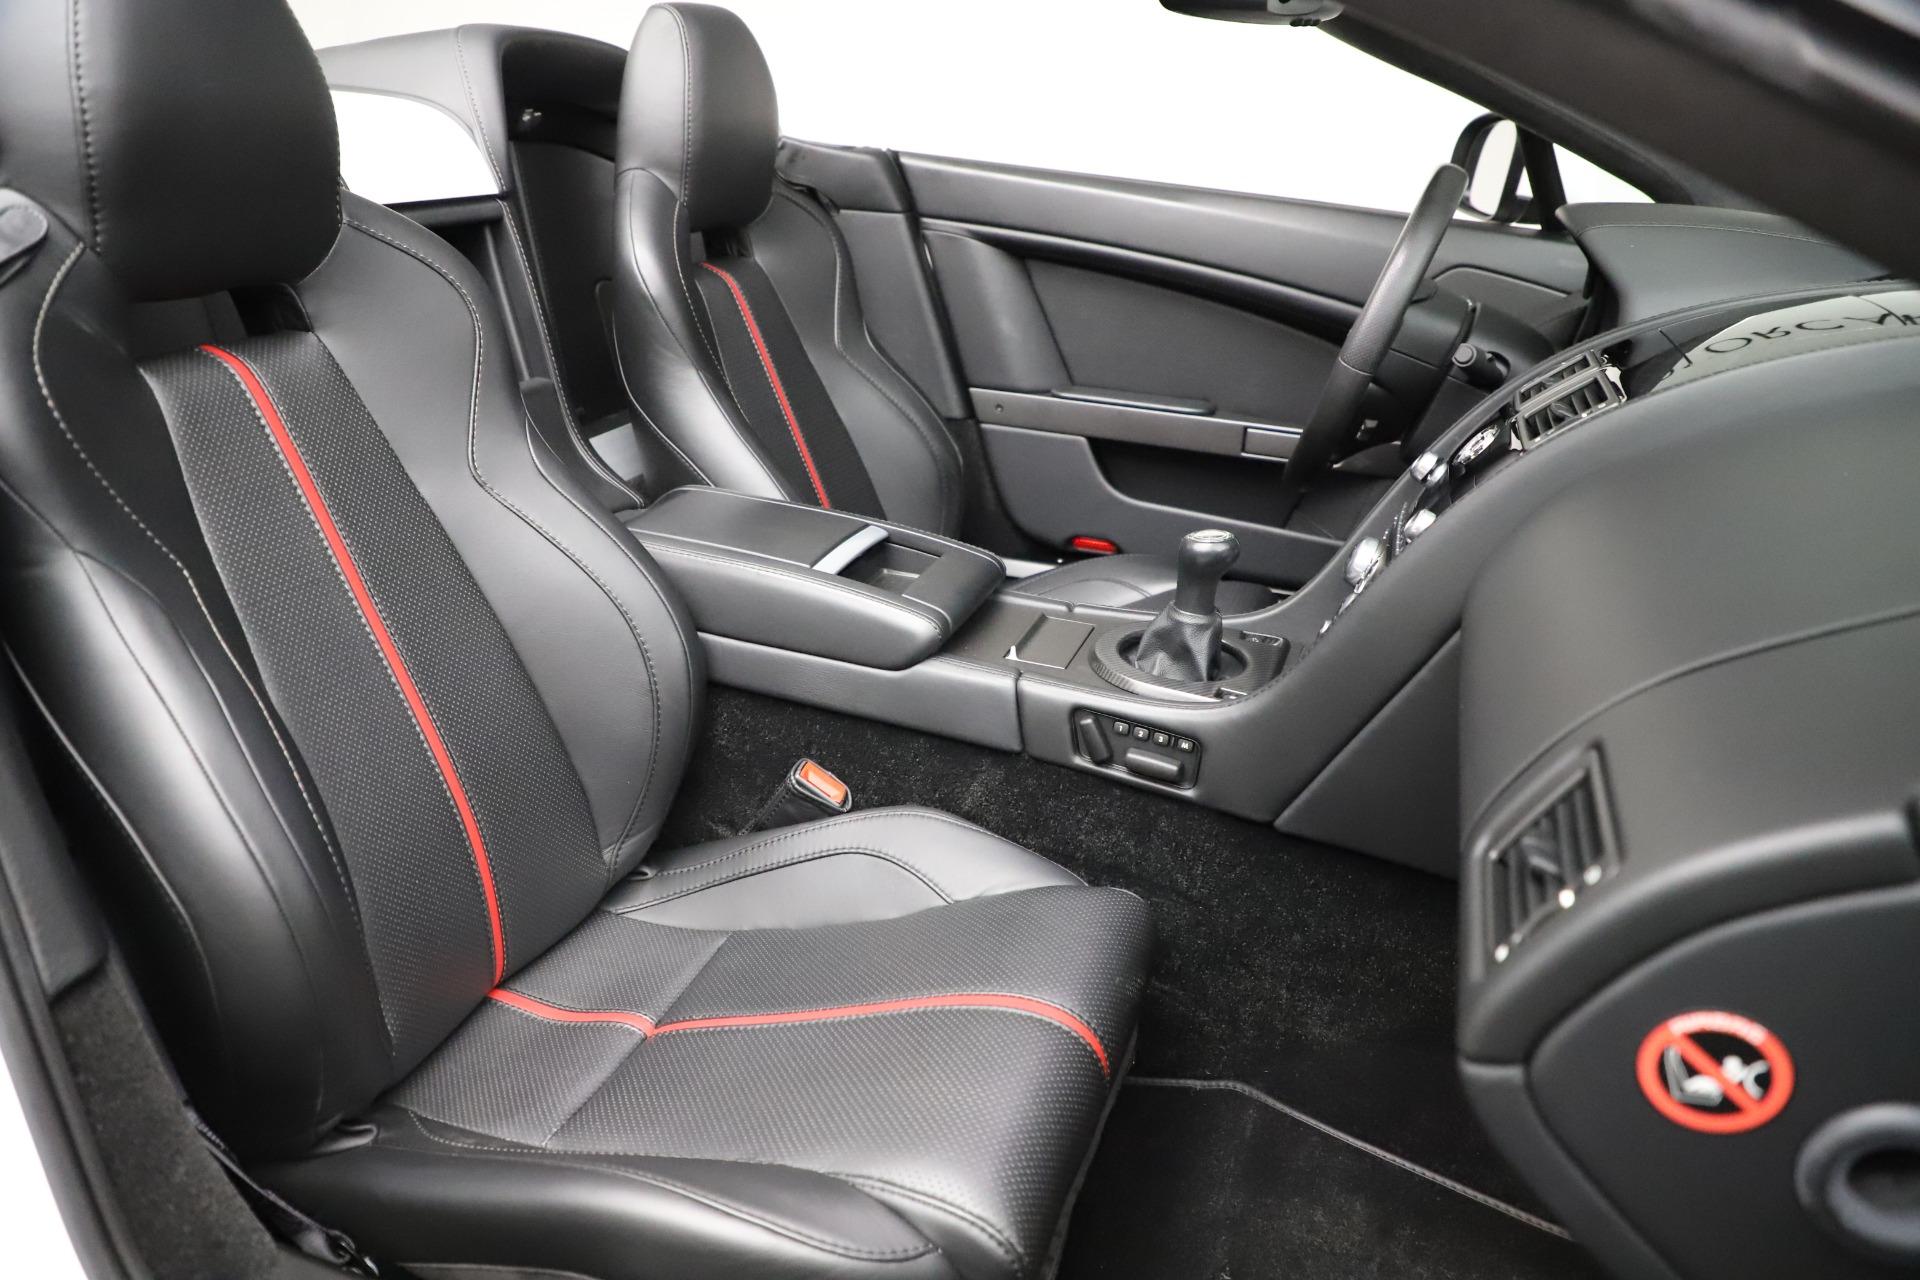 New 2015 Aston Martin Vantage GT GT Roadster For Sale In Westport, CT 93_p24